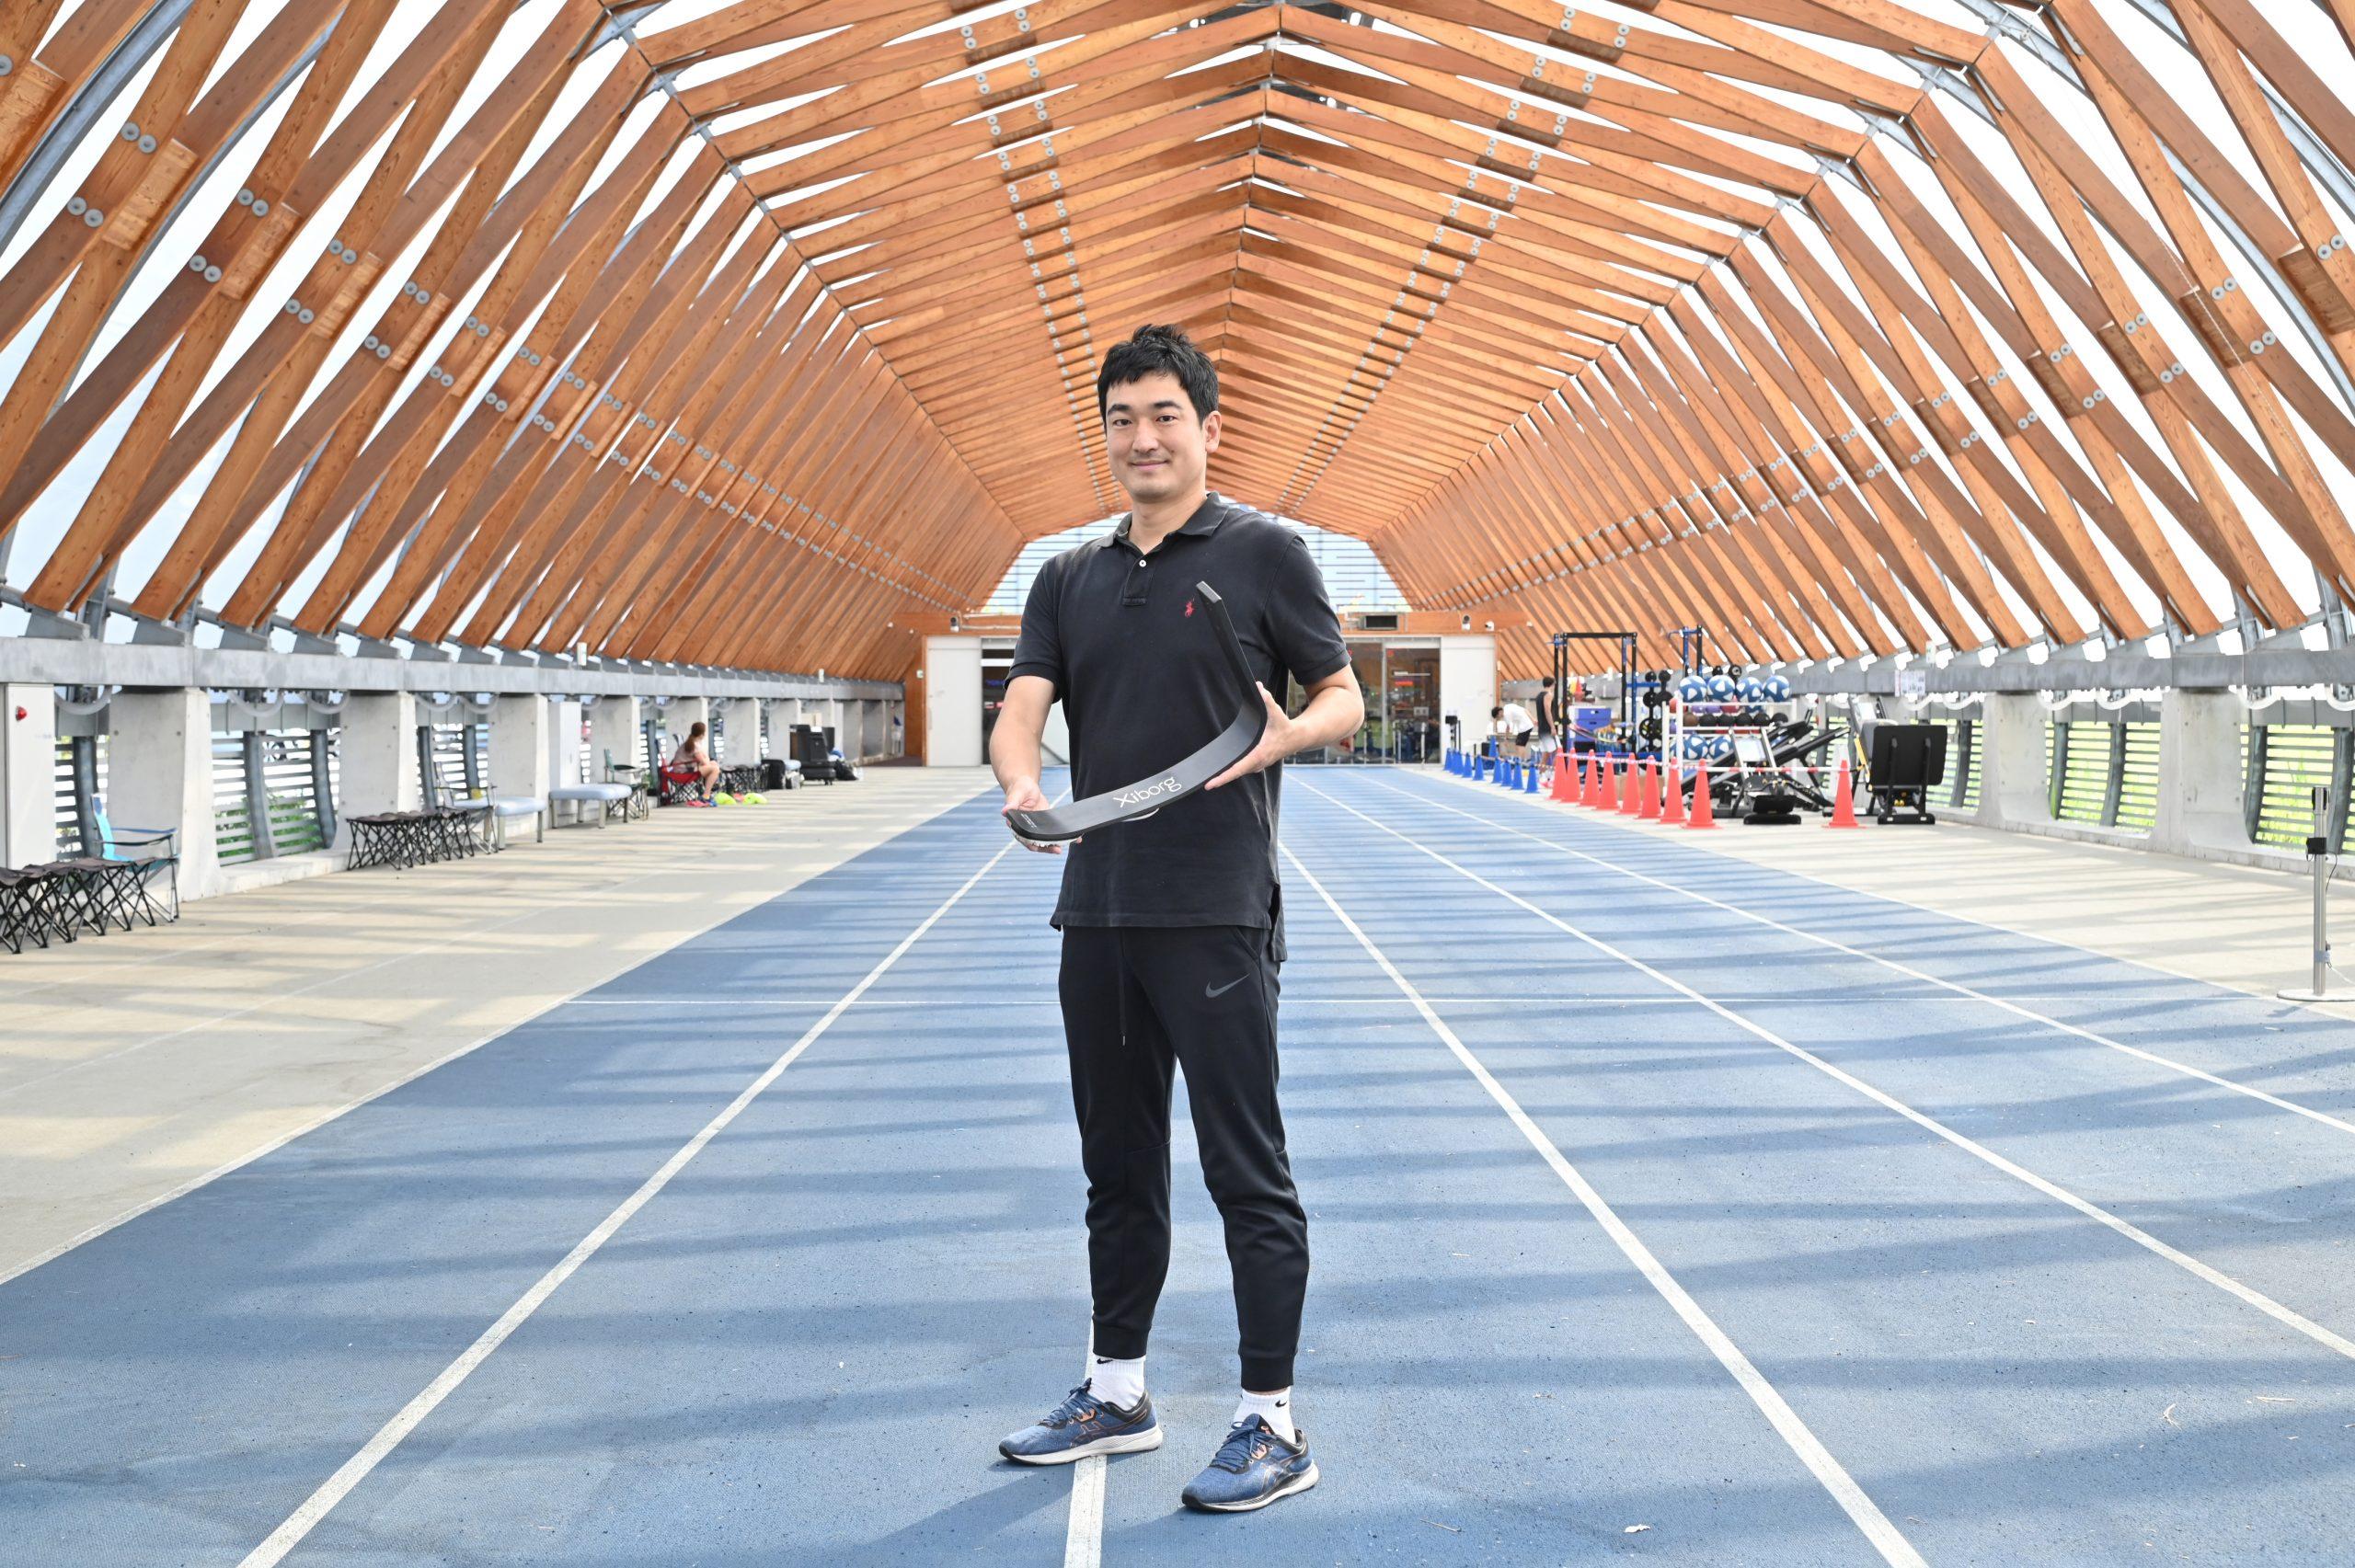 義足エンジニア・遠藤 謙が「人類最速」の先に見据えるもの